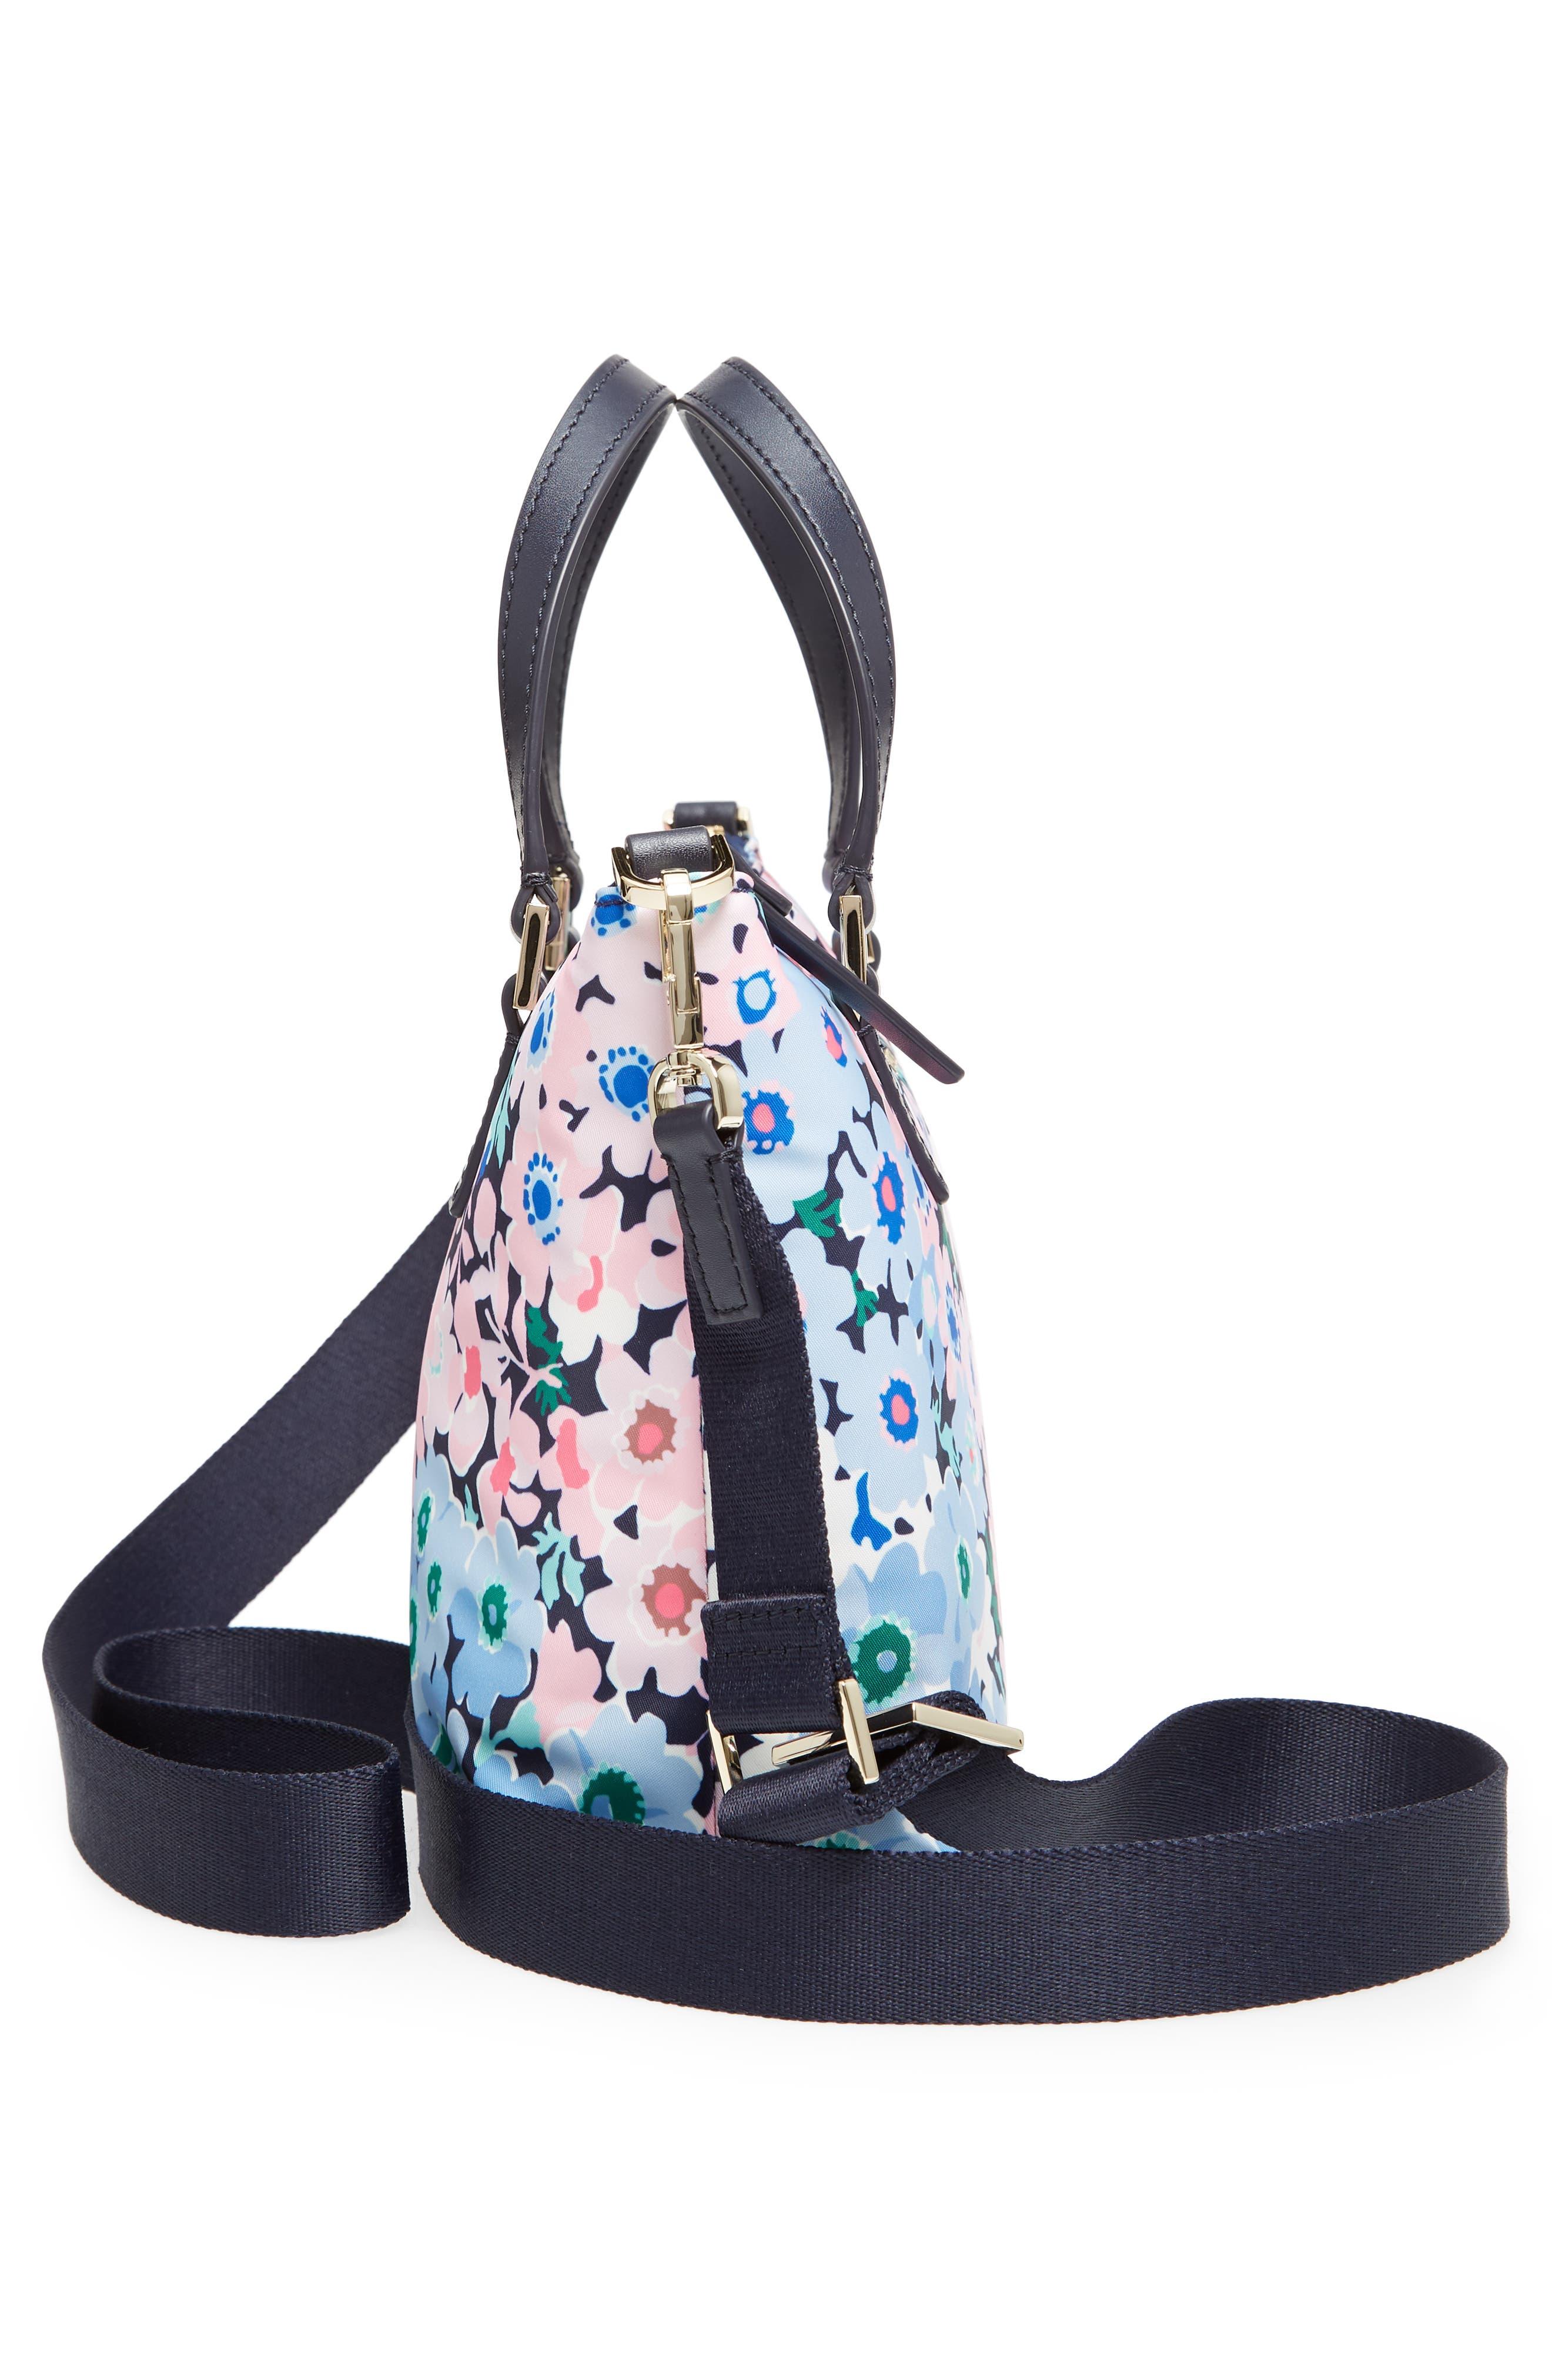 watson lane - daisy garden lucie crossbody bag,                             Alternate thumbnail 5, color,